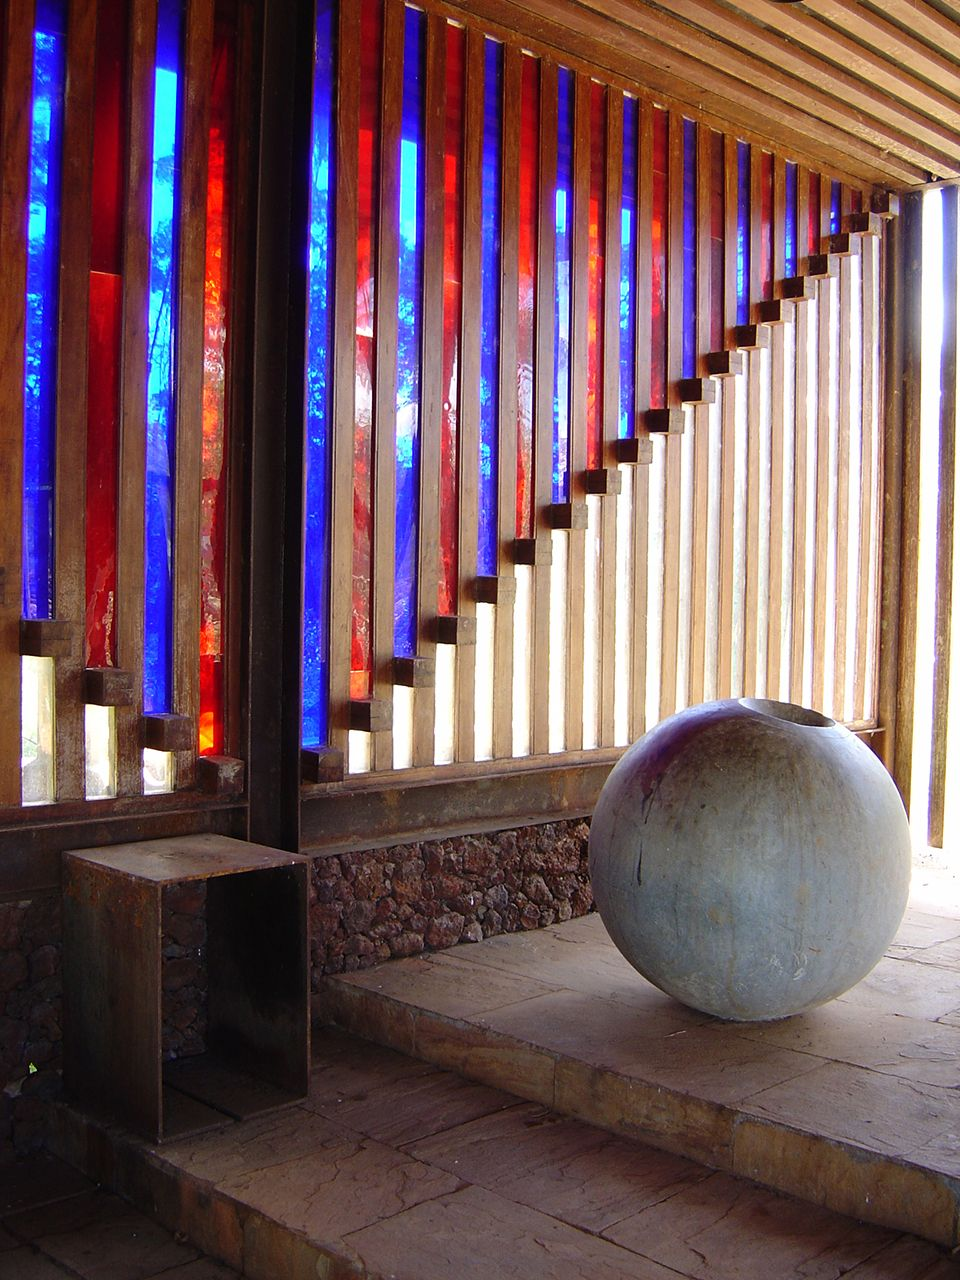 Clássicos da Arquitetura: Capela de Santana do Pé do Morro / Éolo Maia e Jô Vasconcellos